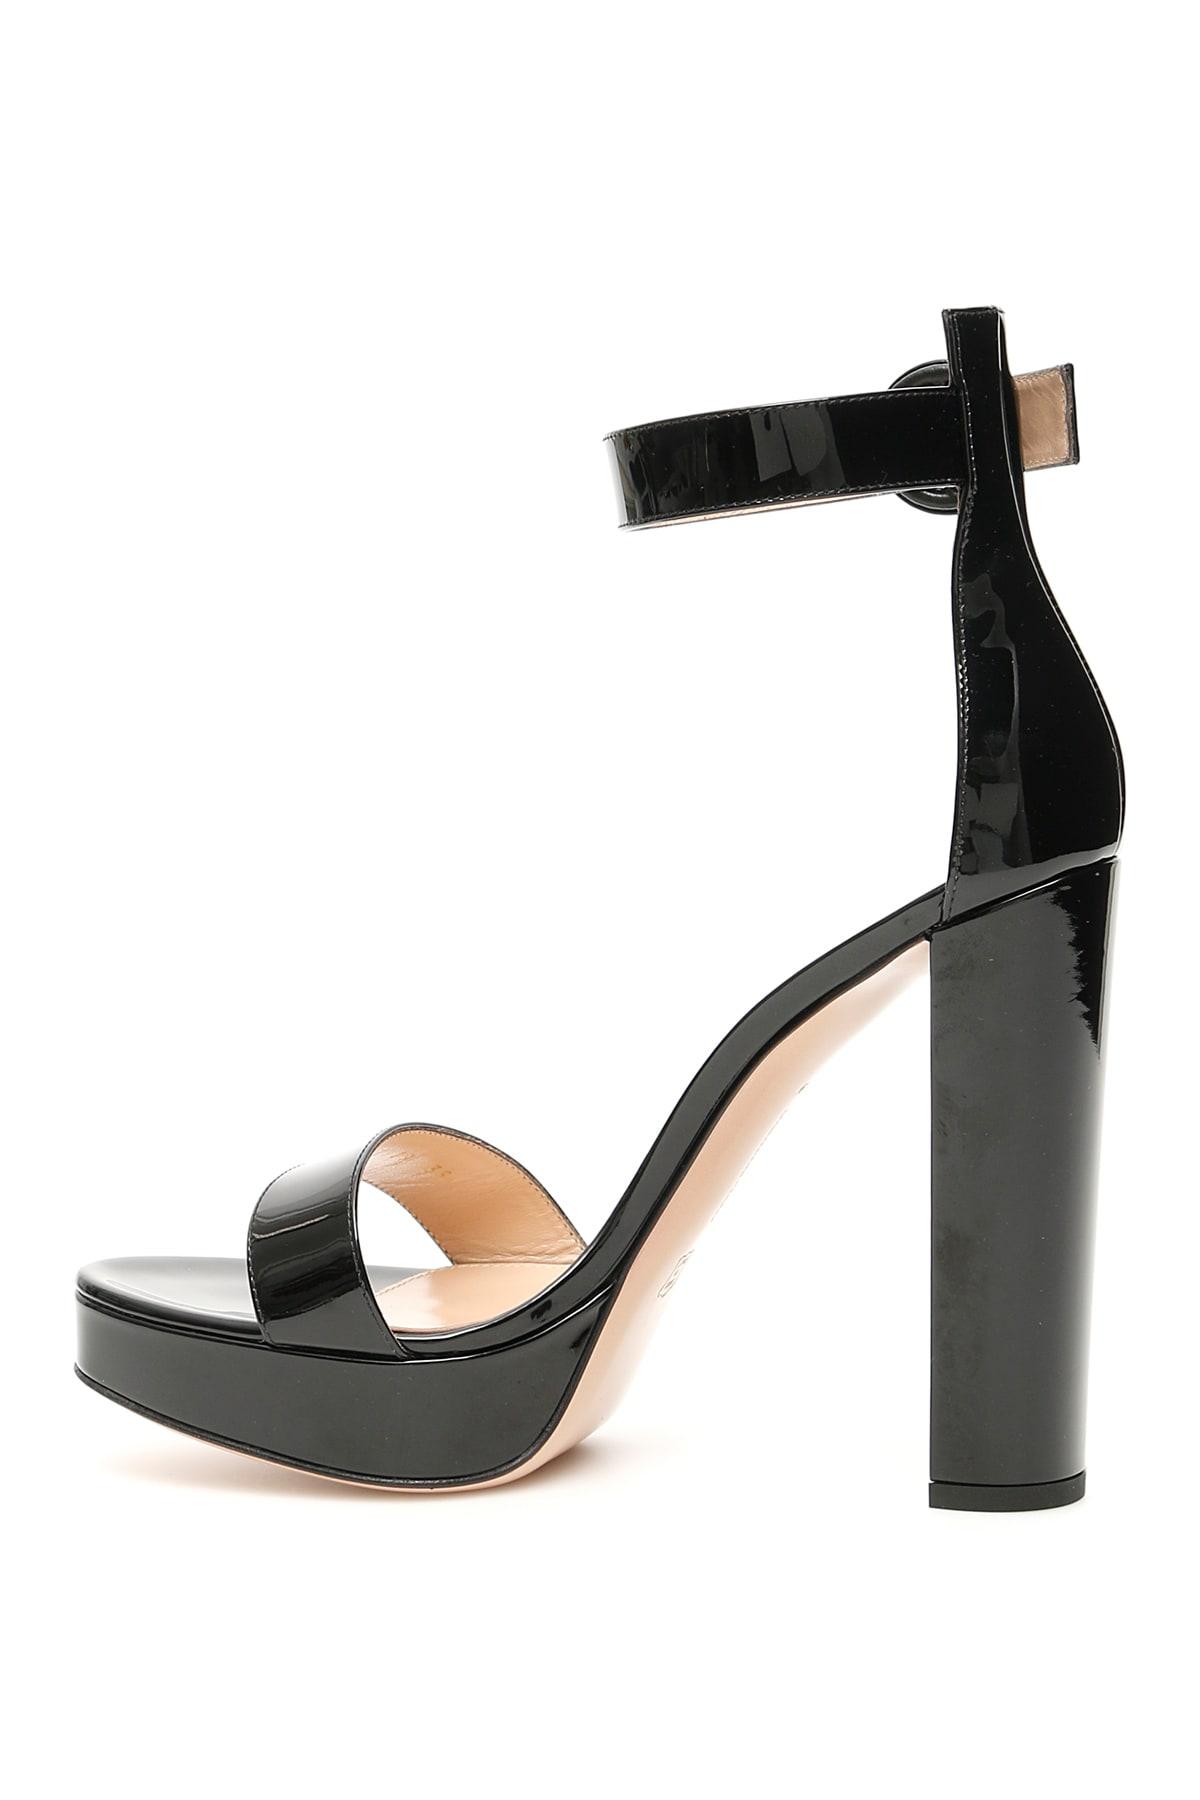 Best Authentic Gianvito Rossi Patent Portofino Sandals - Great Deals